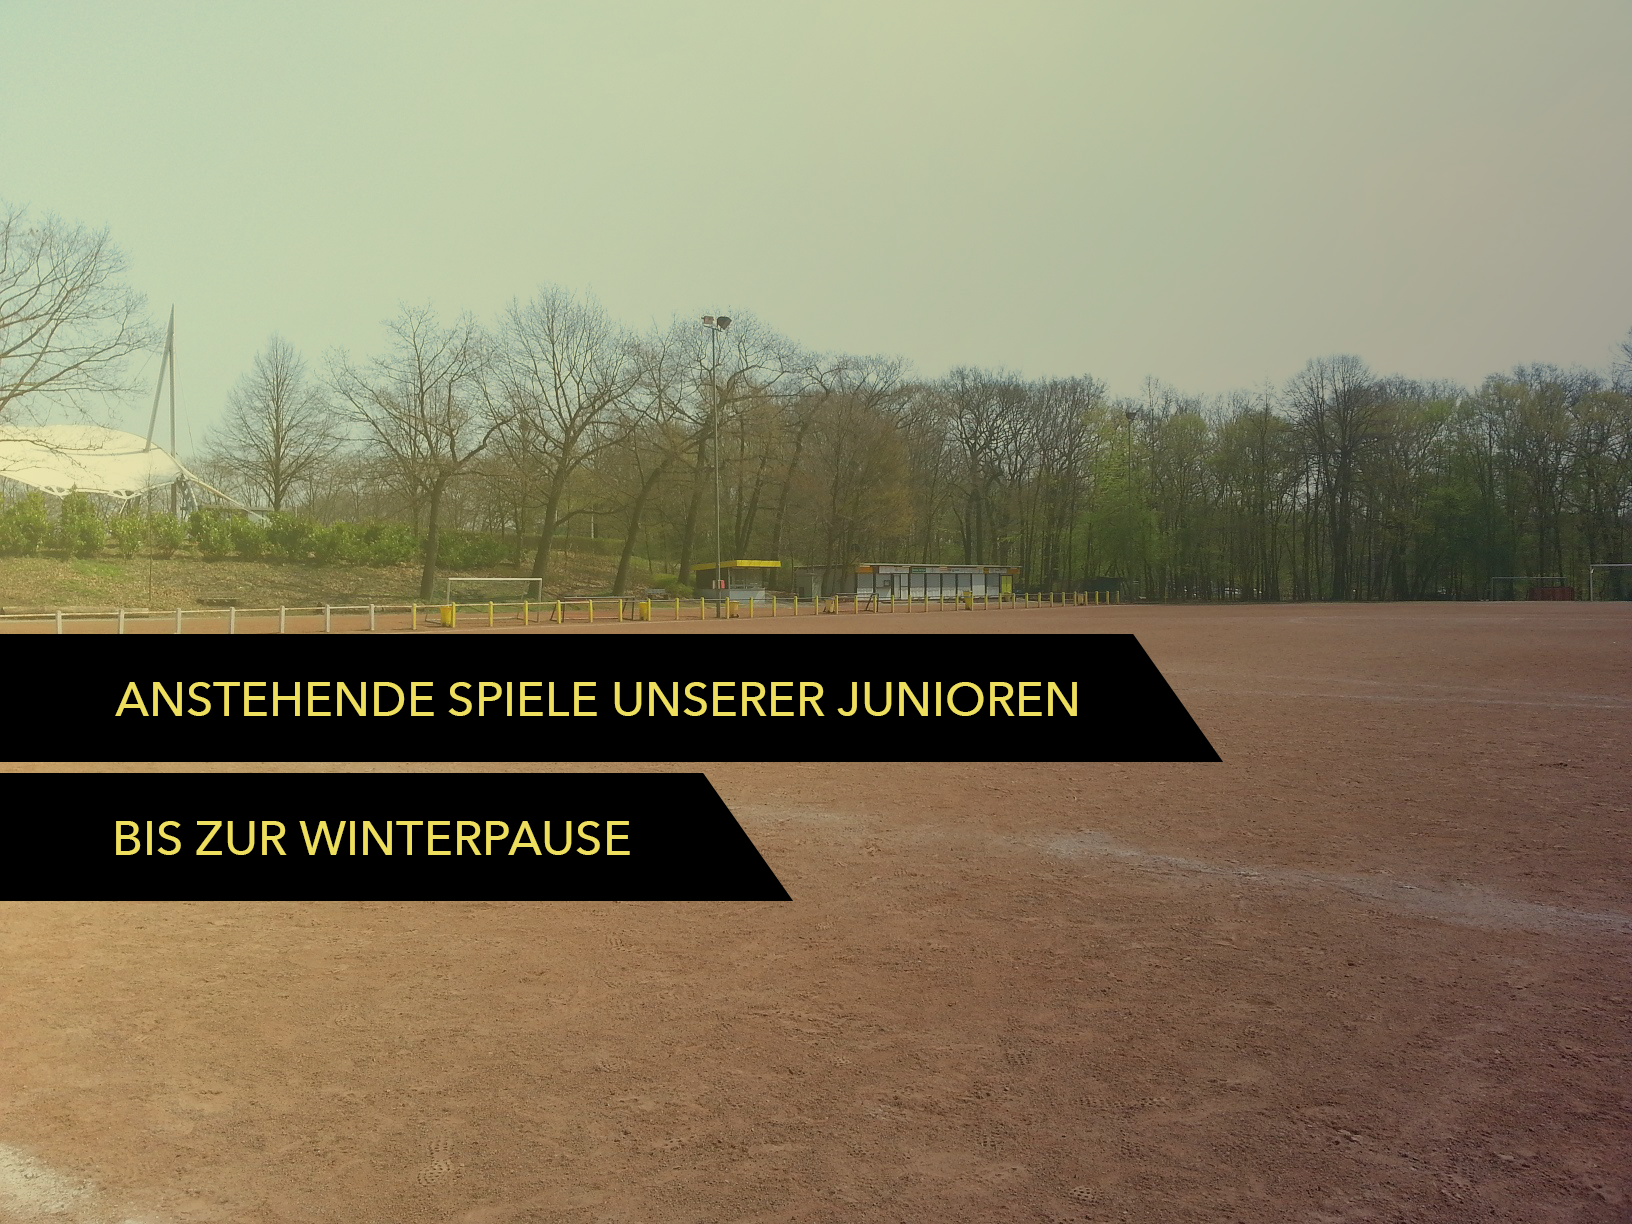 Wacker Gladbeck - Anstehende Spiele unserer Junioren bis zur Winterpause 2019/2020